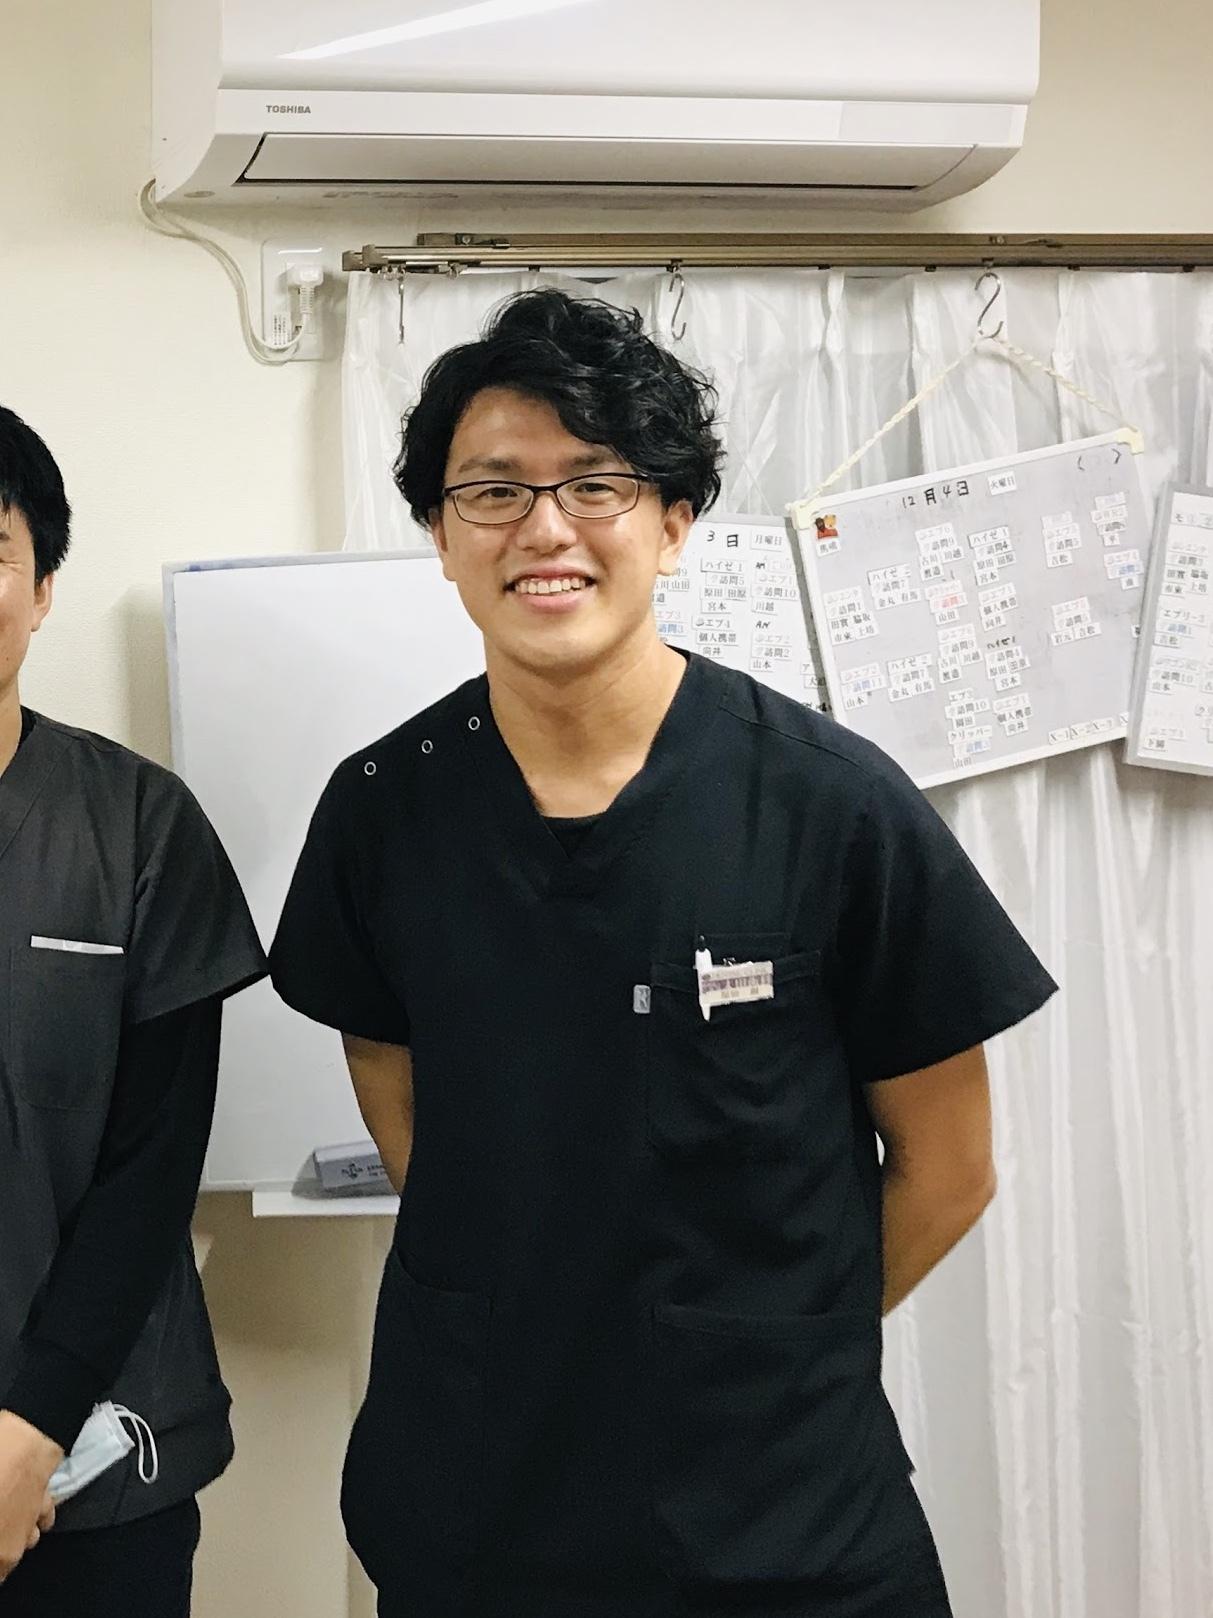 歯科医師としての原田さん